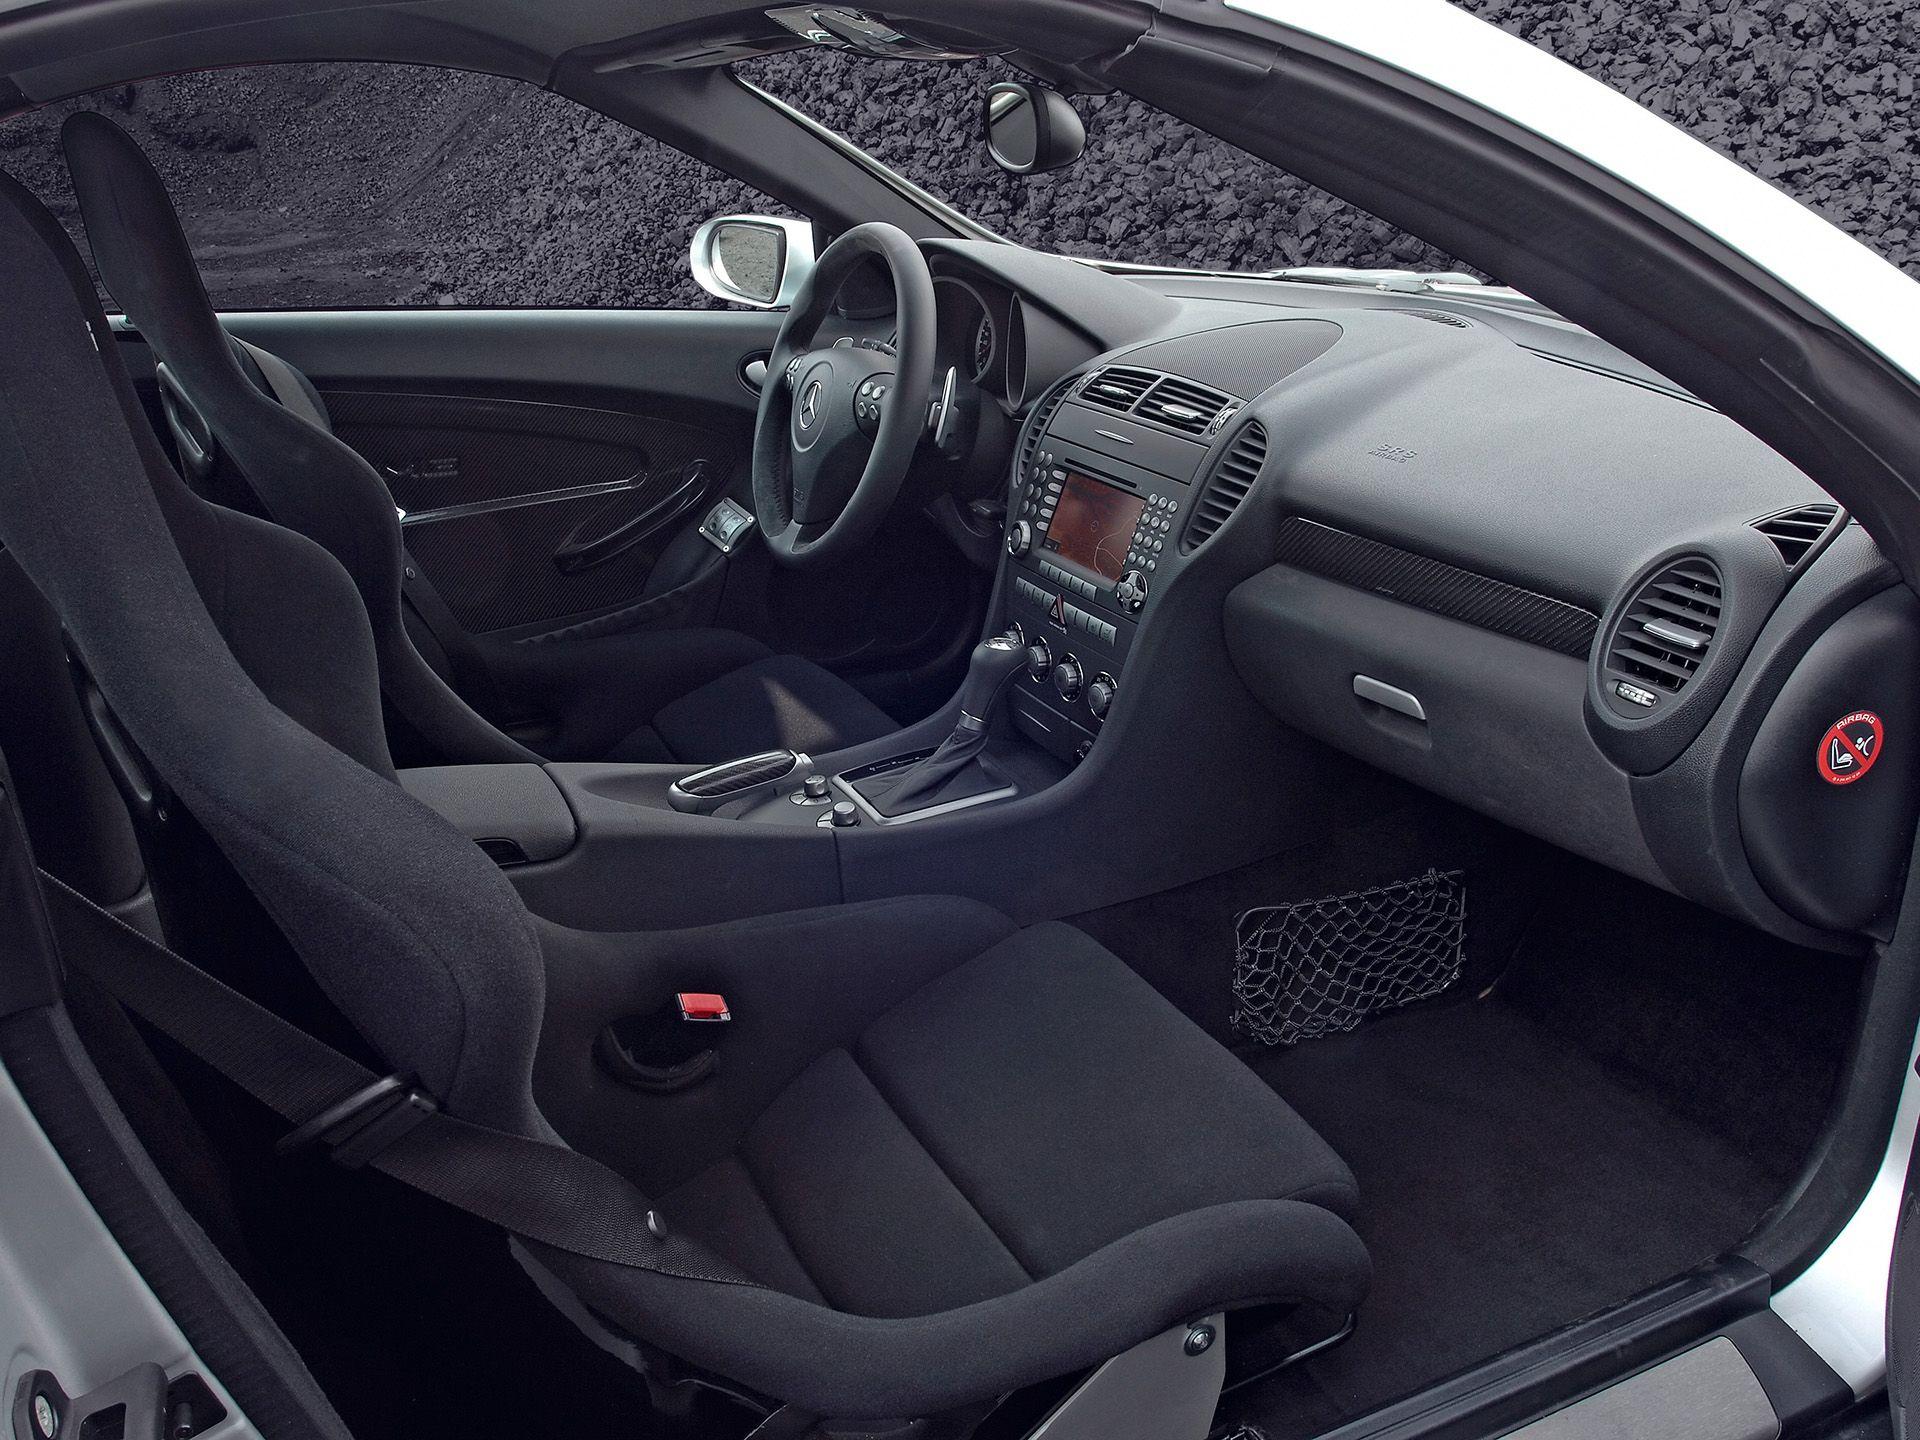 2007 Mercedes Benz Slk 55 Amg Black Series Images